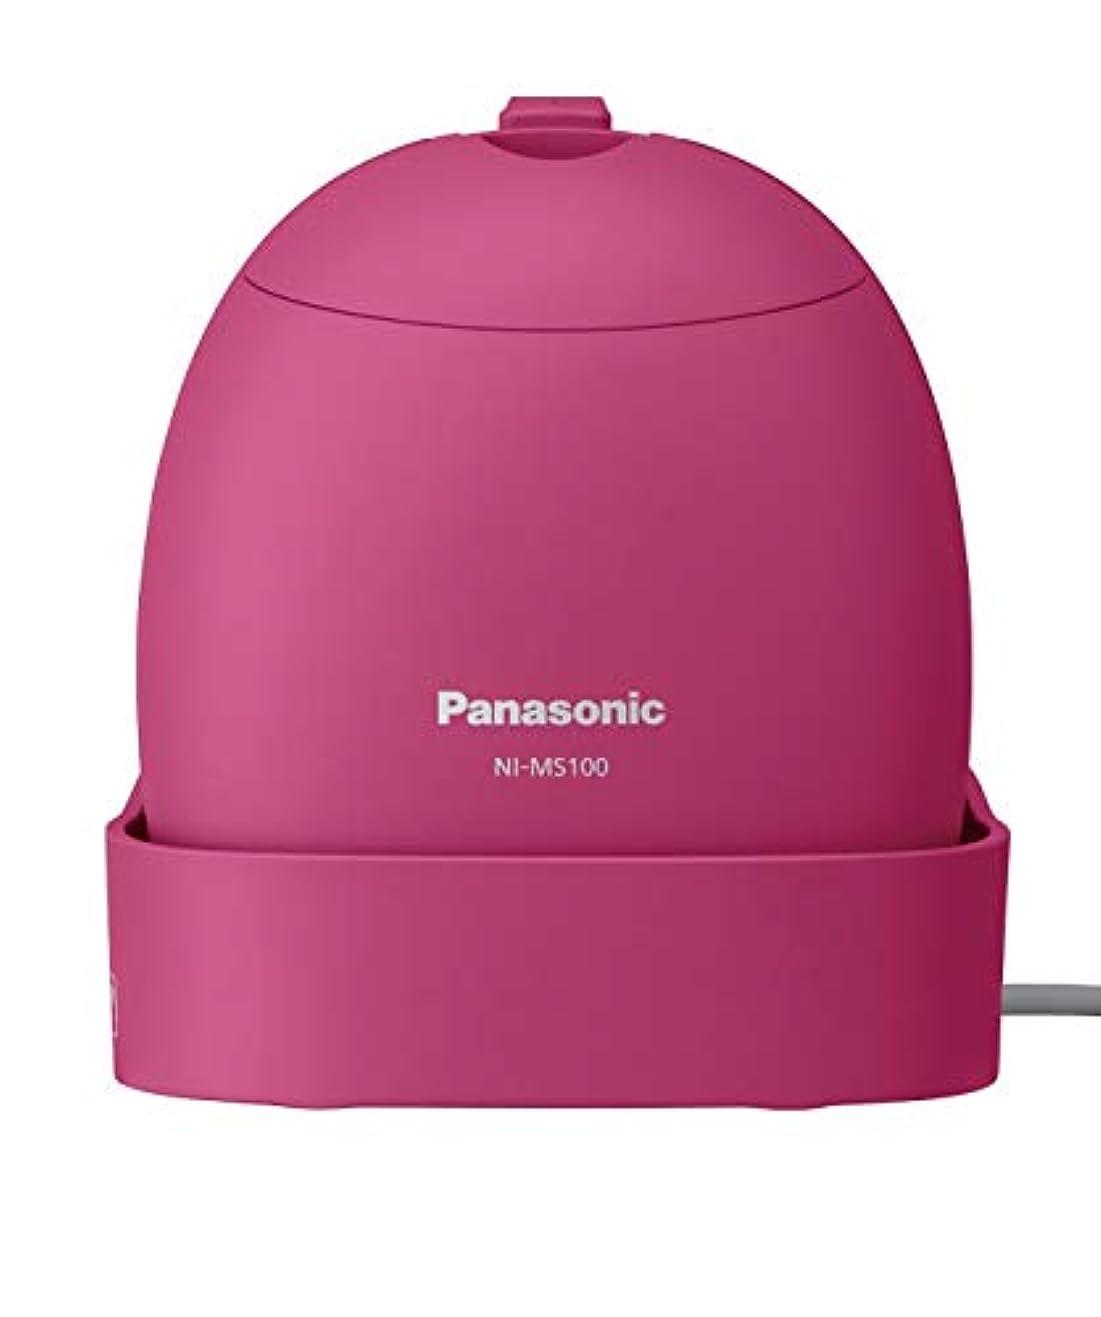 イル習慣アイスクリームパナソニック 衣類スチーマー モバイル 軽量コンパクトモデル ビビッドピンク NI-MS100-VP